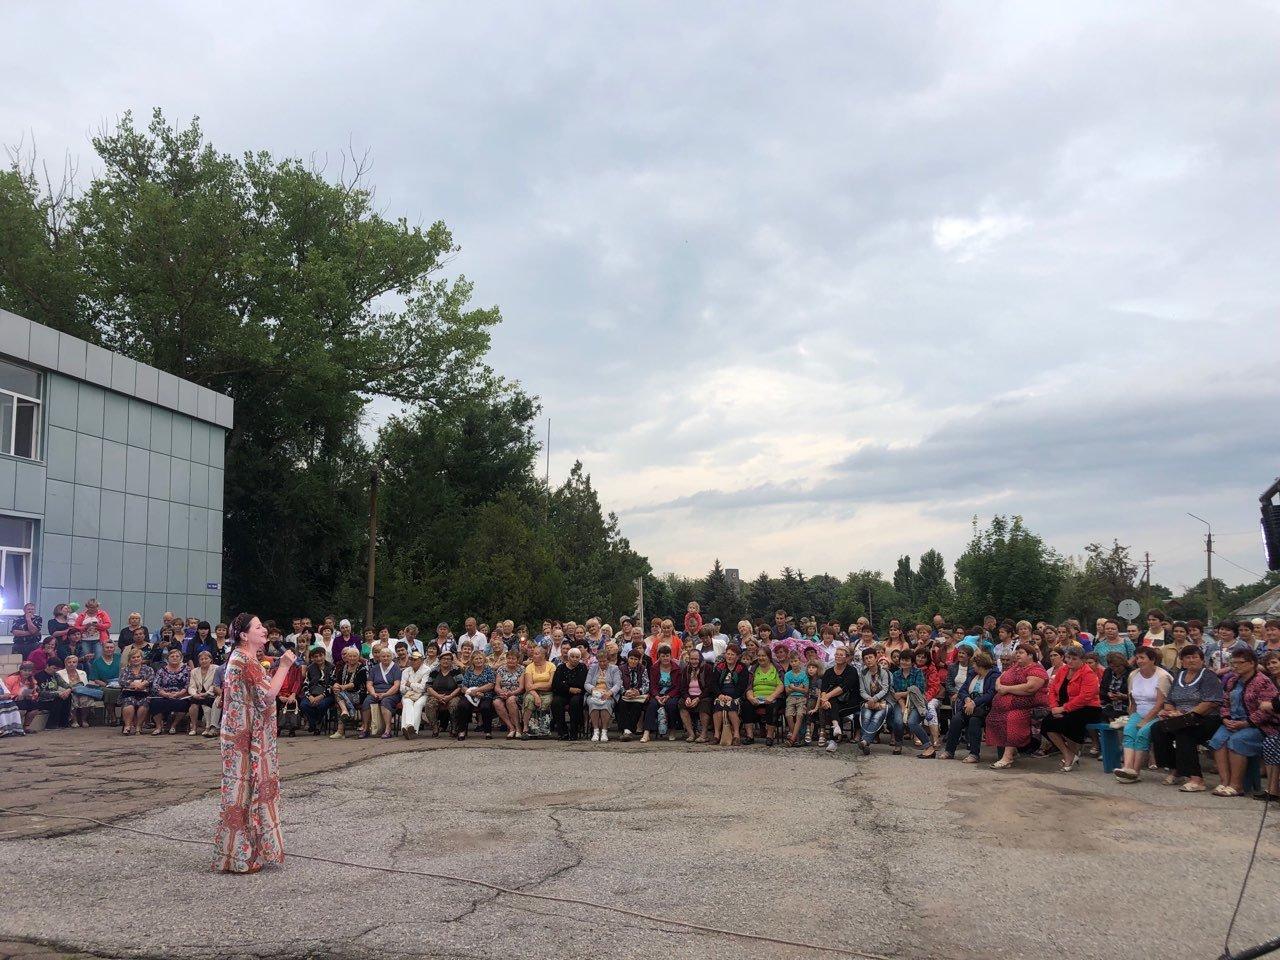 Ніна Матвієнко в Андріївці: ми - господарі на нашій землі, і зміни залежать від кожного з нас, фото-3